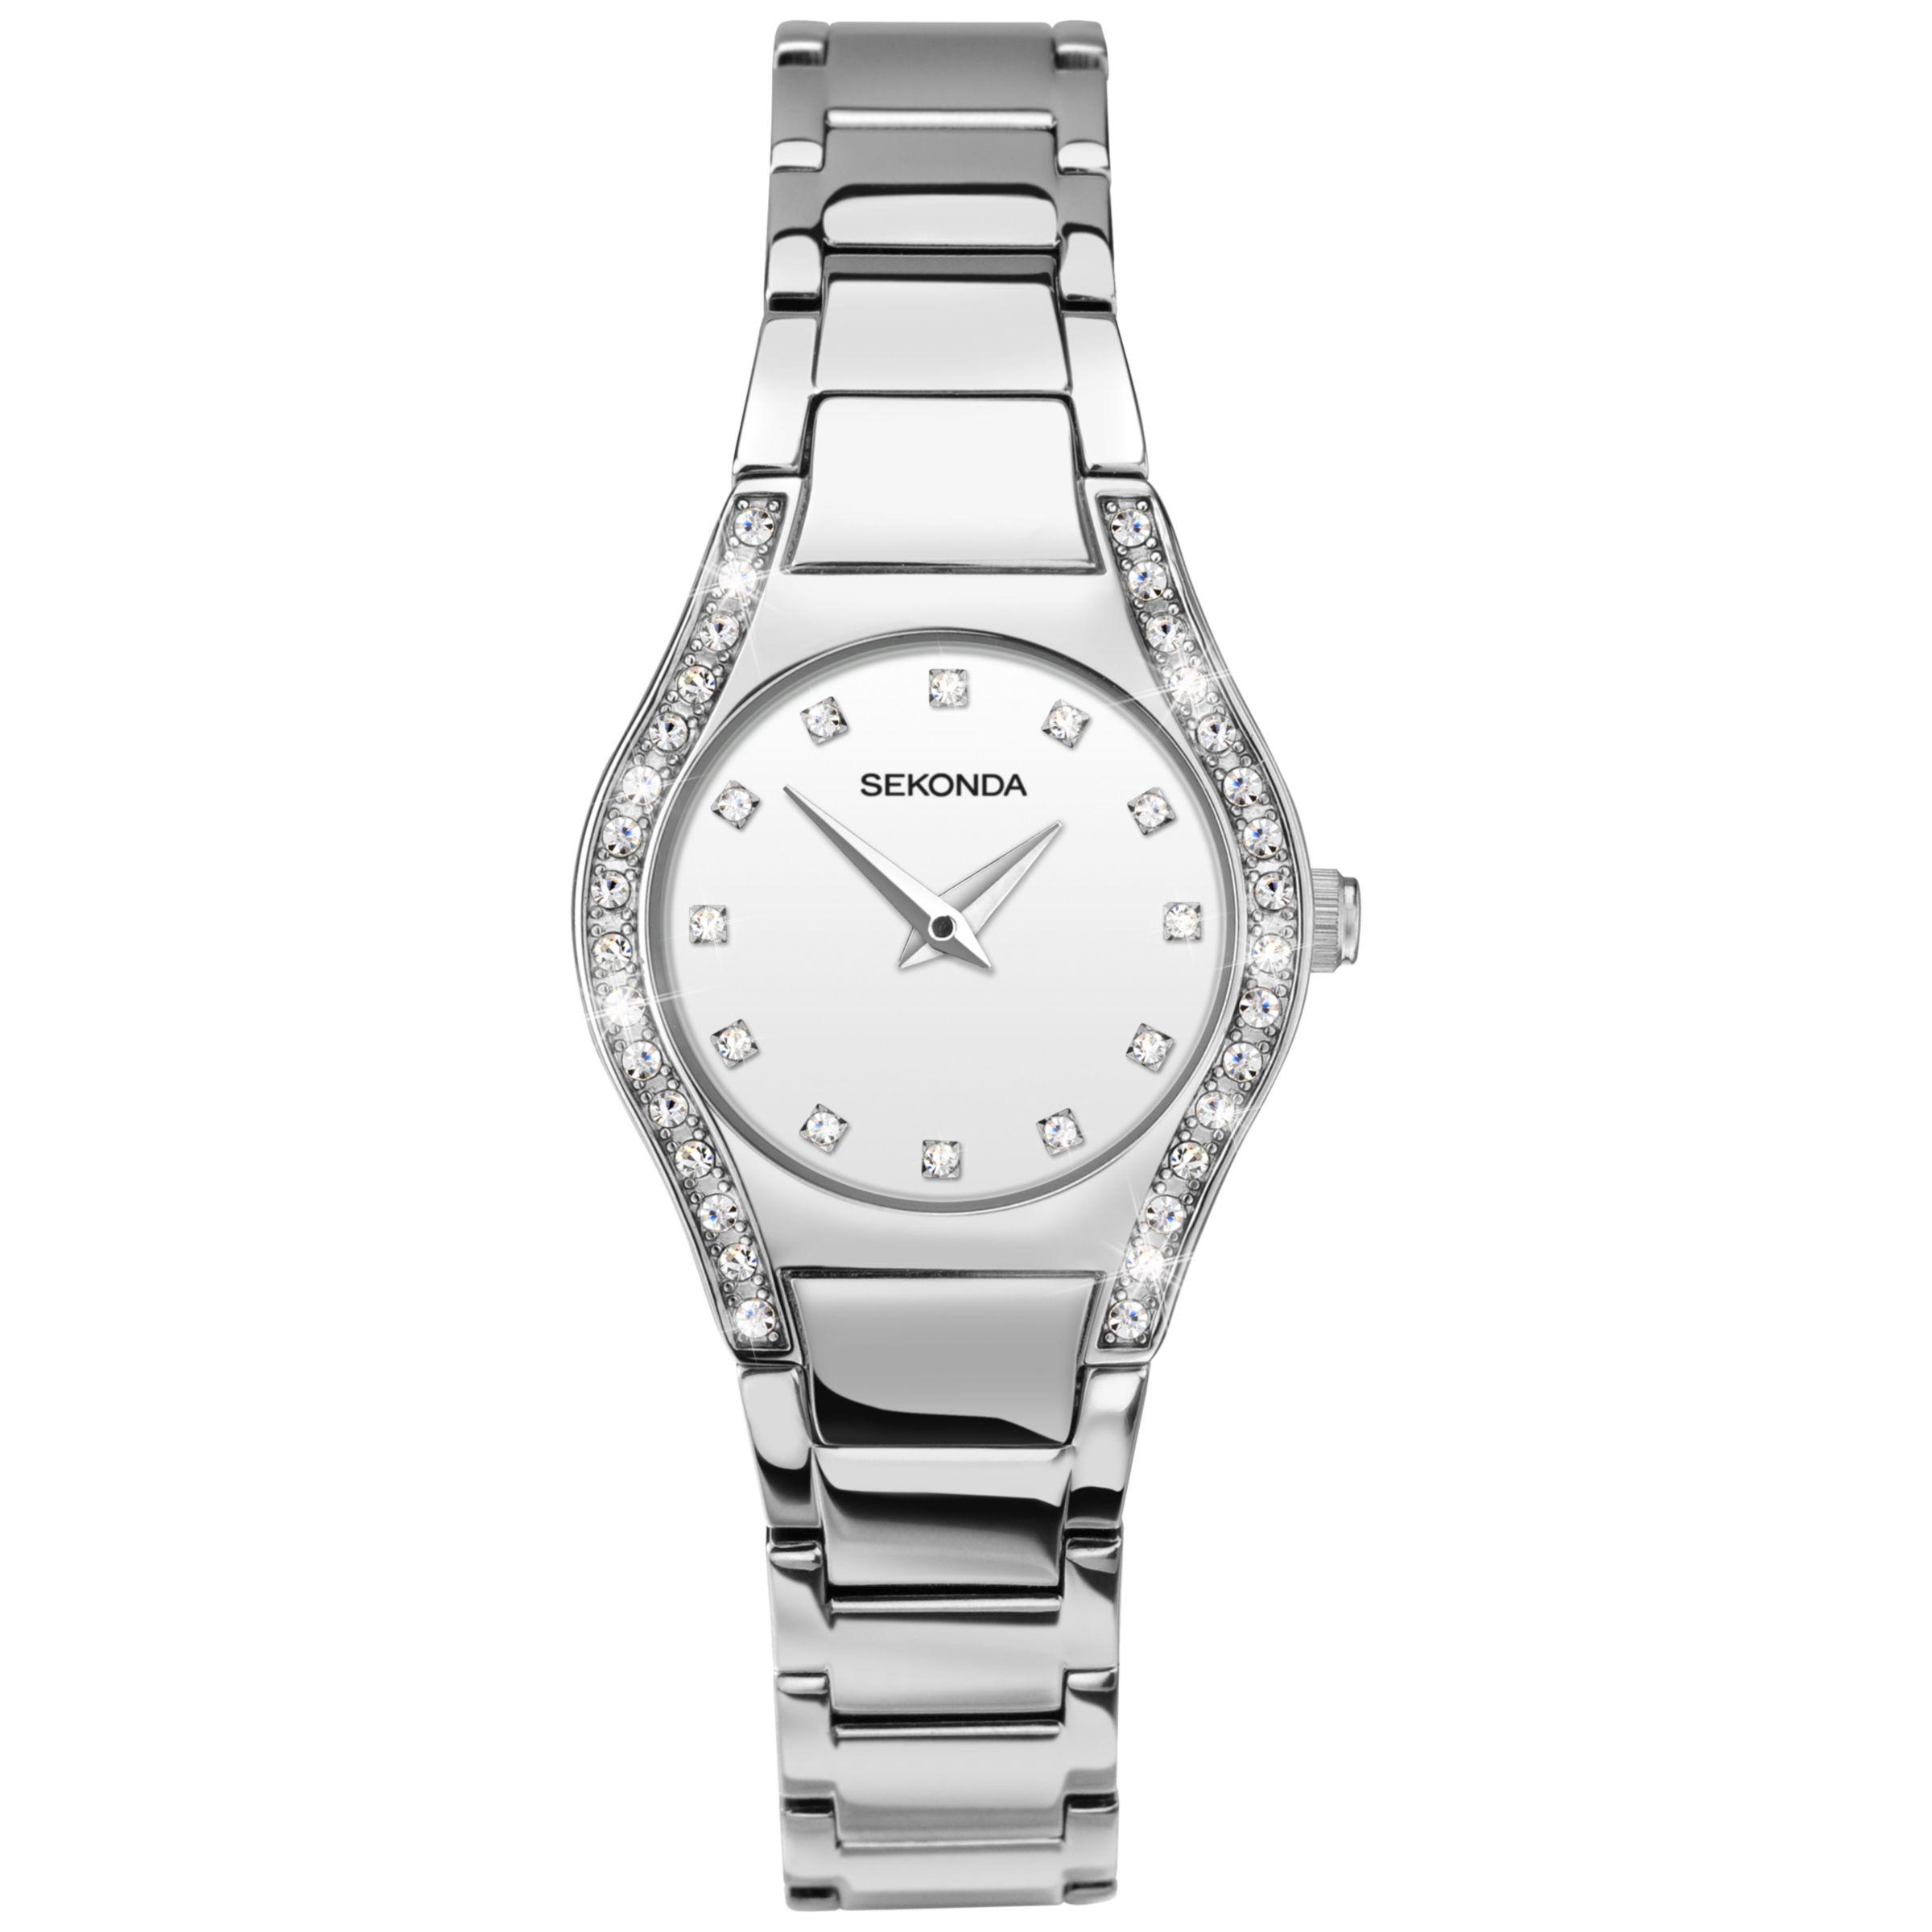 Sekonda Sekonda 2199.27 Women's Diamante Bracelet Strap Watch, Silver/White